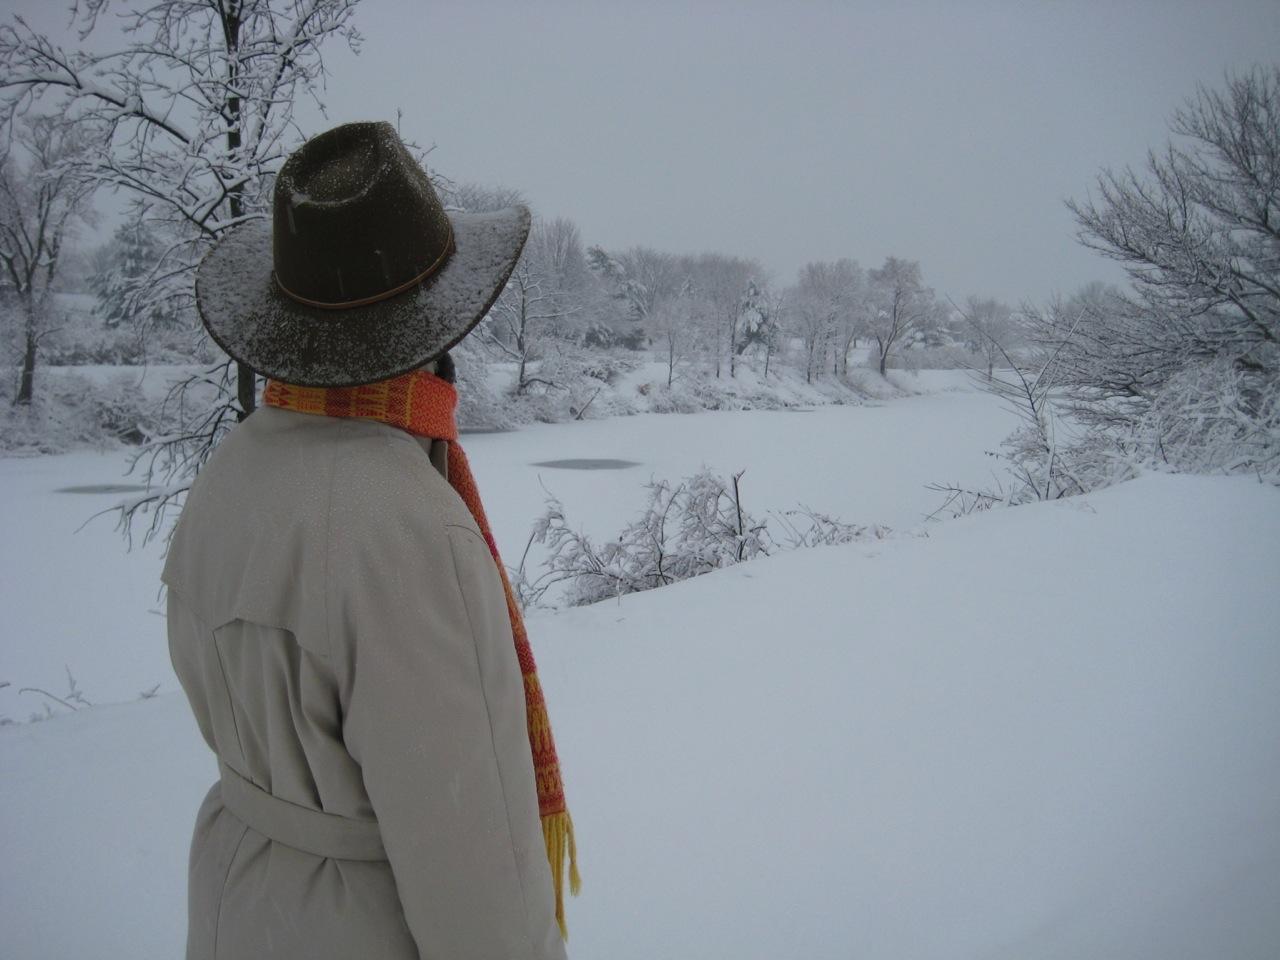 Jackie looks across the frozen lake